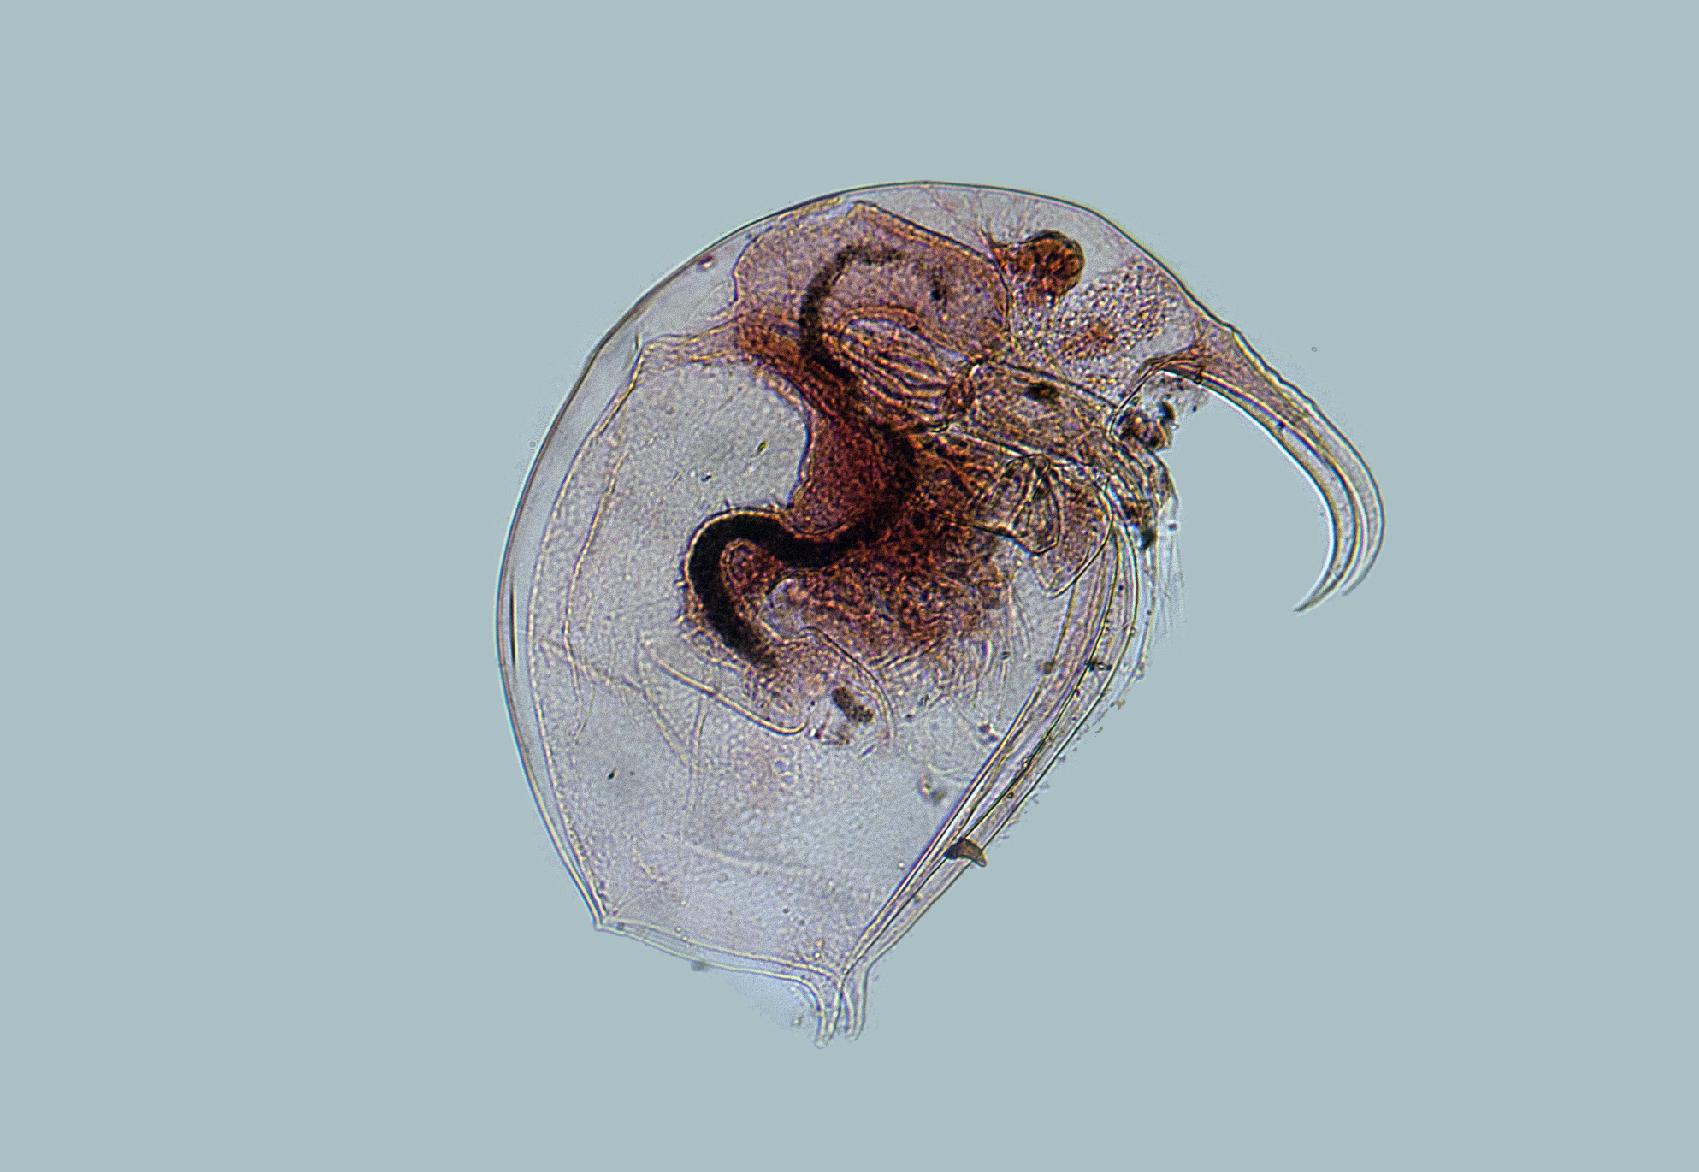 Elephant water flea